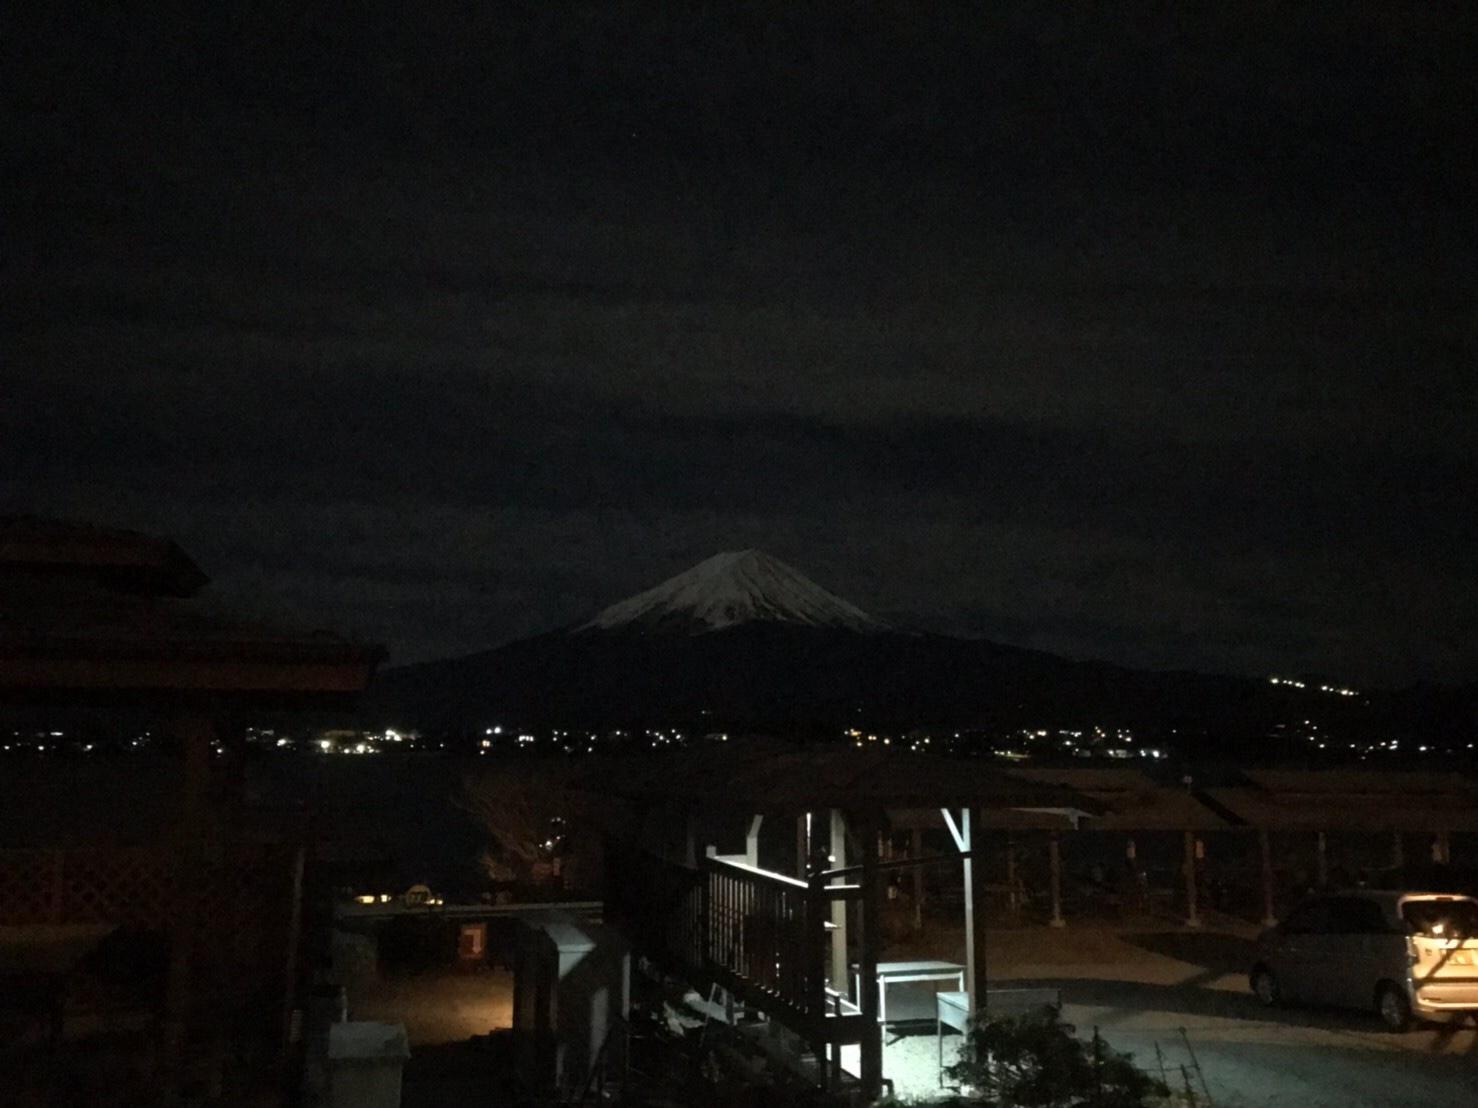 【#河口湖合宿】富士山の目の前のペンションでわいわい一泊旅♩〜宿編〜_9